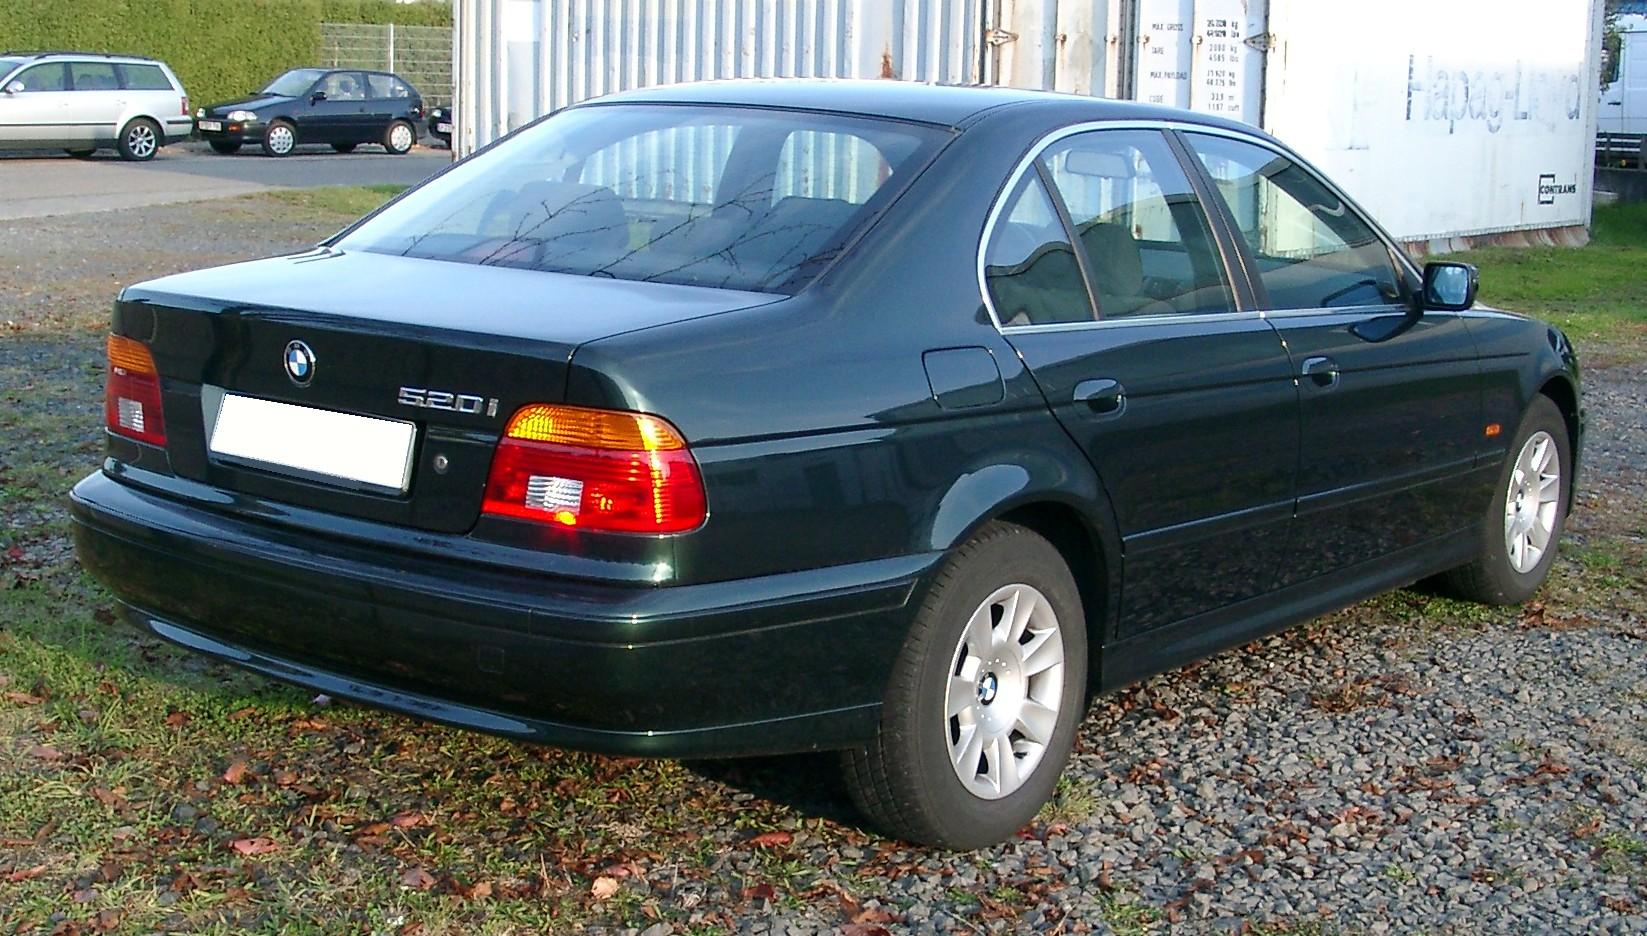 hight resolution of e39 sedan rear